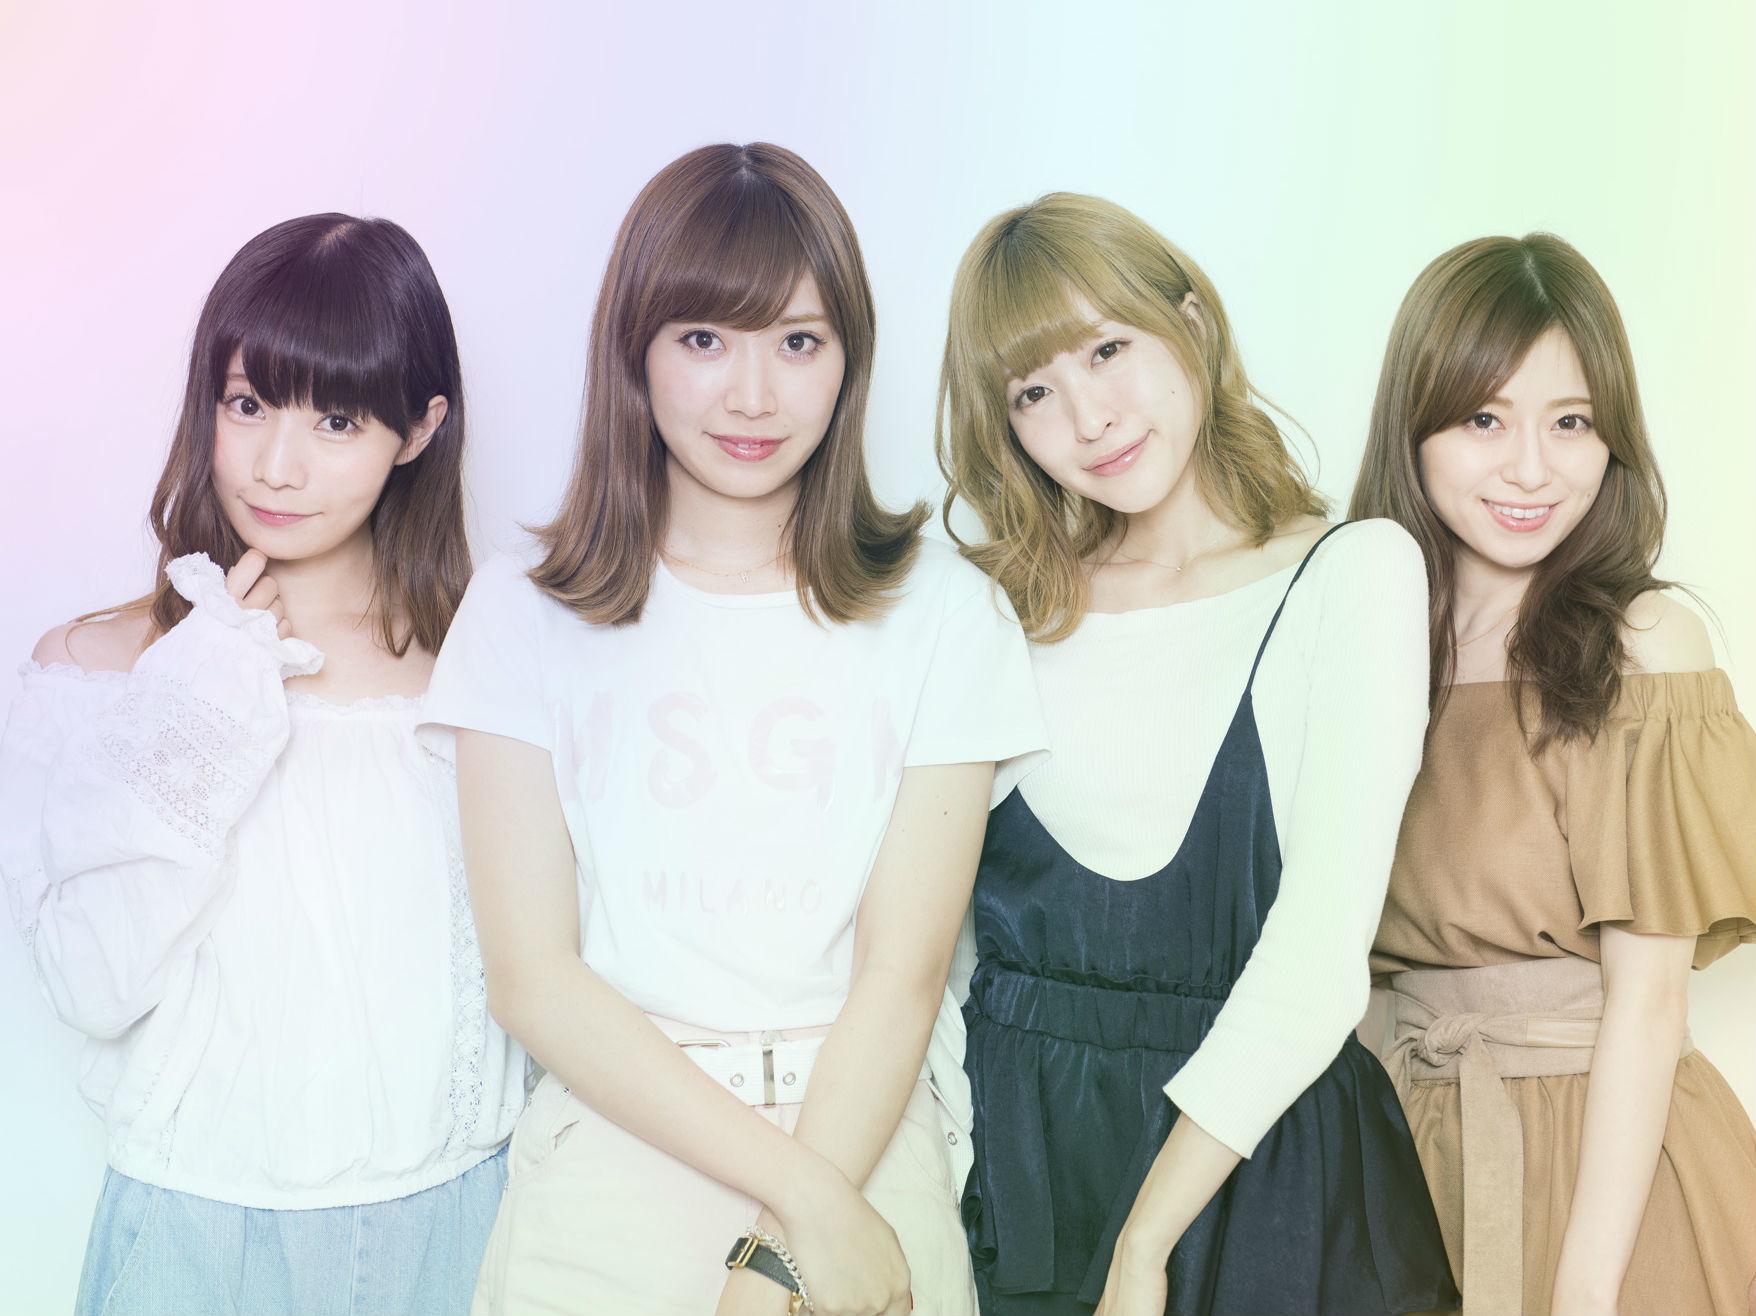 読モ出身のバンド「サイレントサイレン」が<br />日本でも有数のガールズバンドに成長していた!?